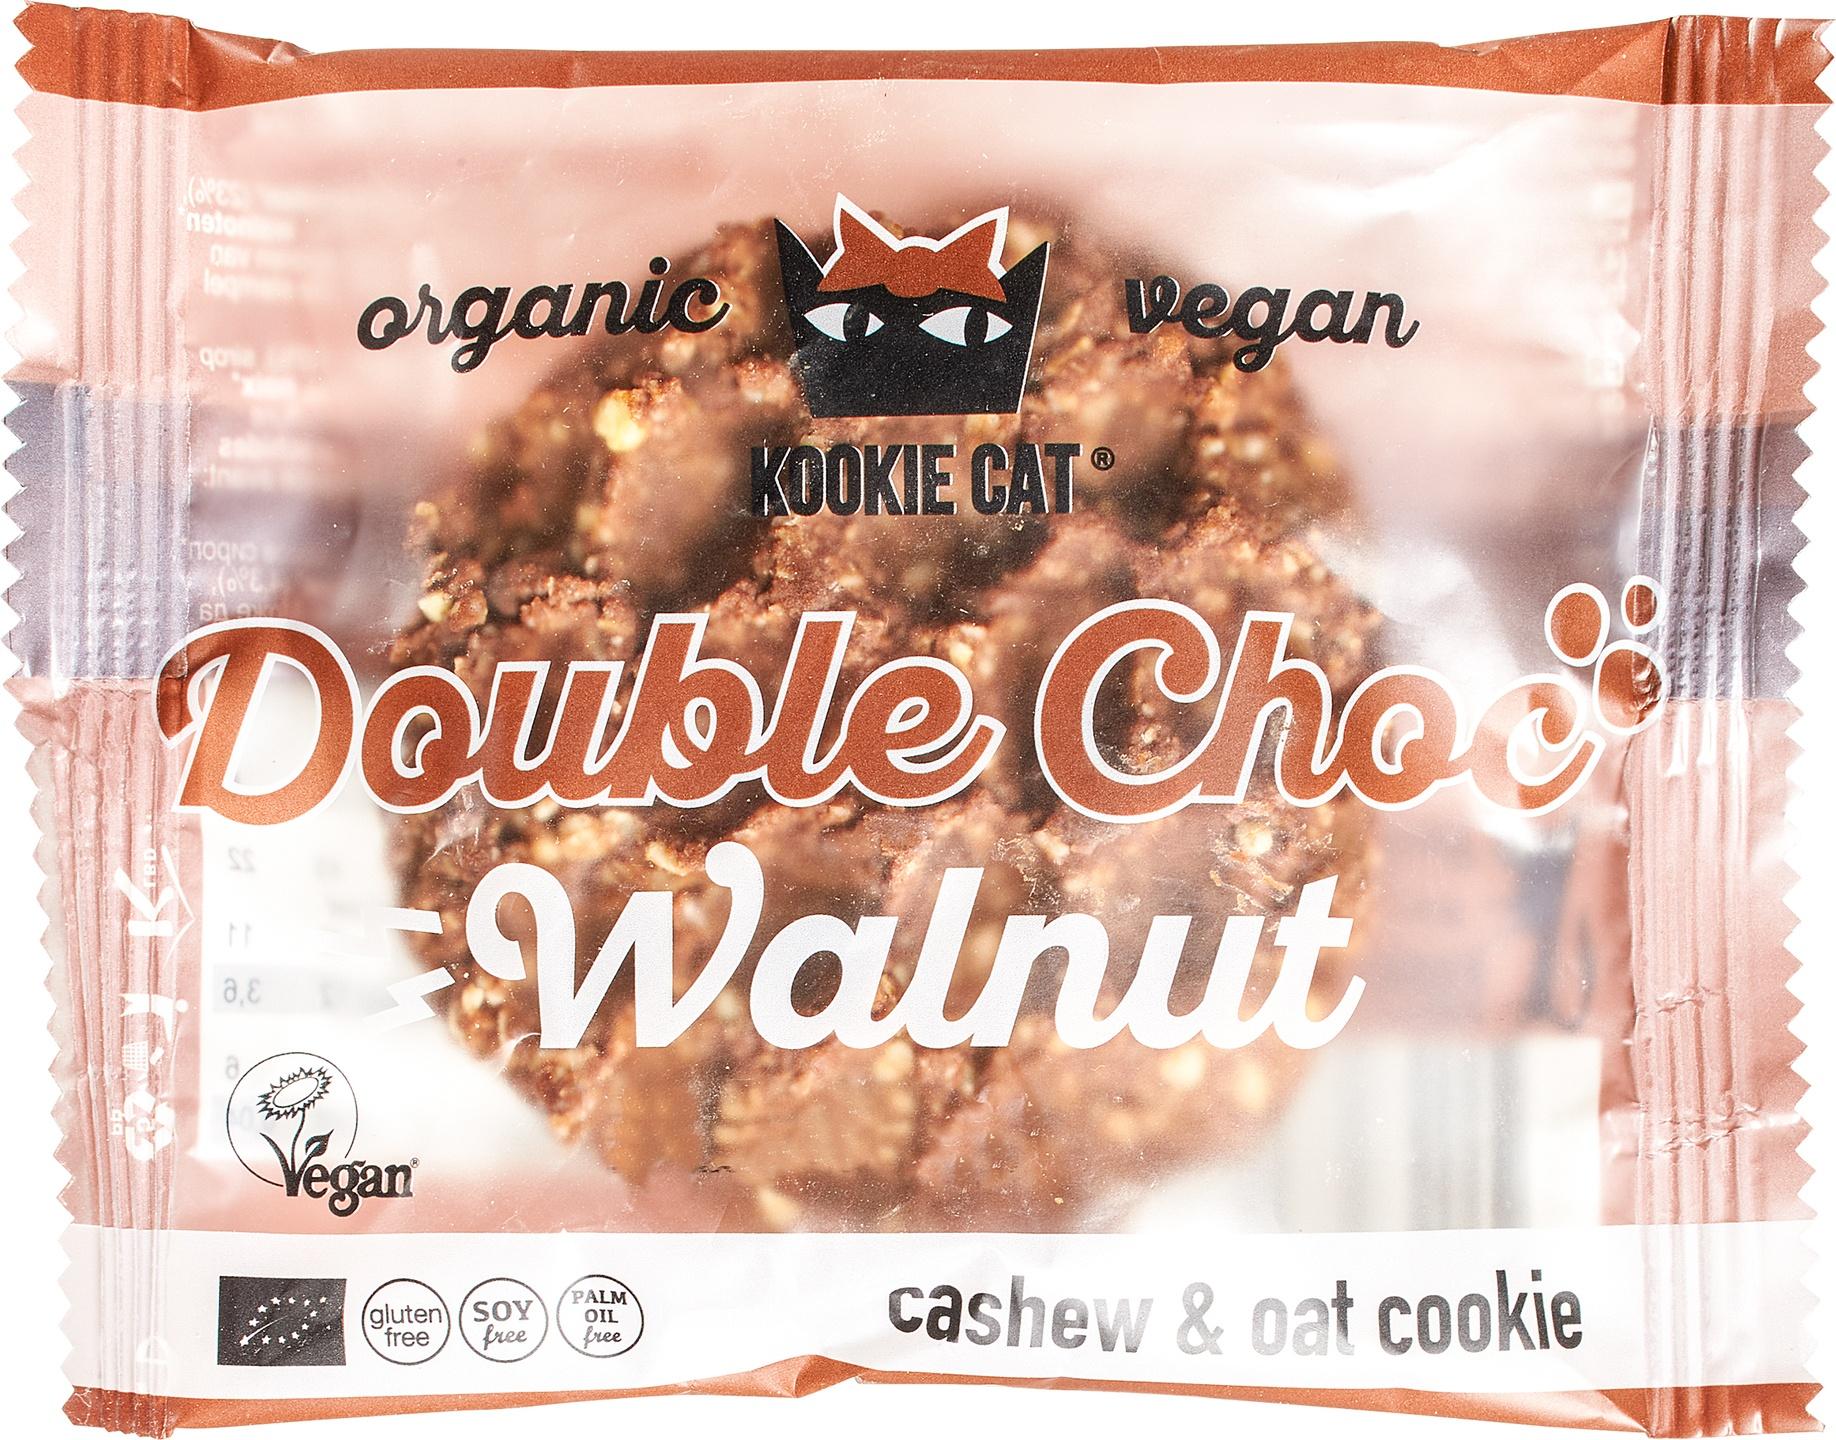 Biologische Kookie Cat Koek cocoa nibs - walnoot 50 gr